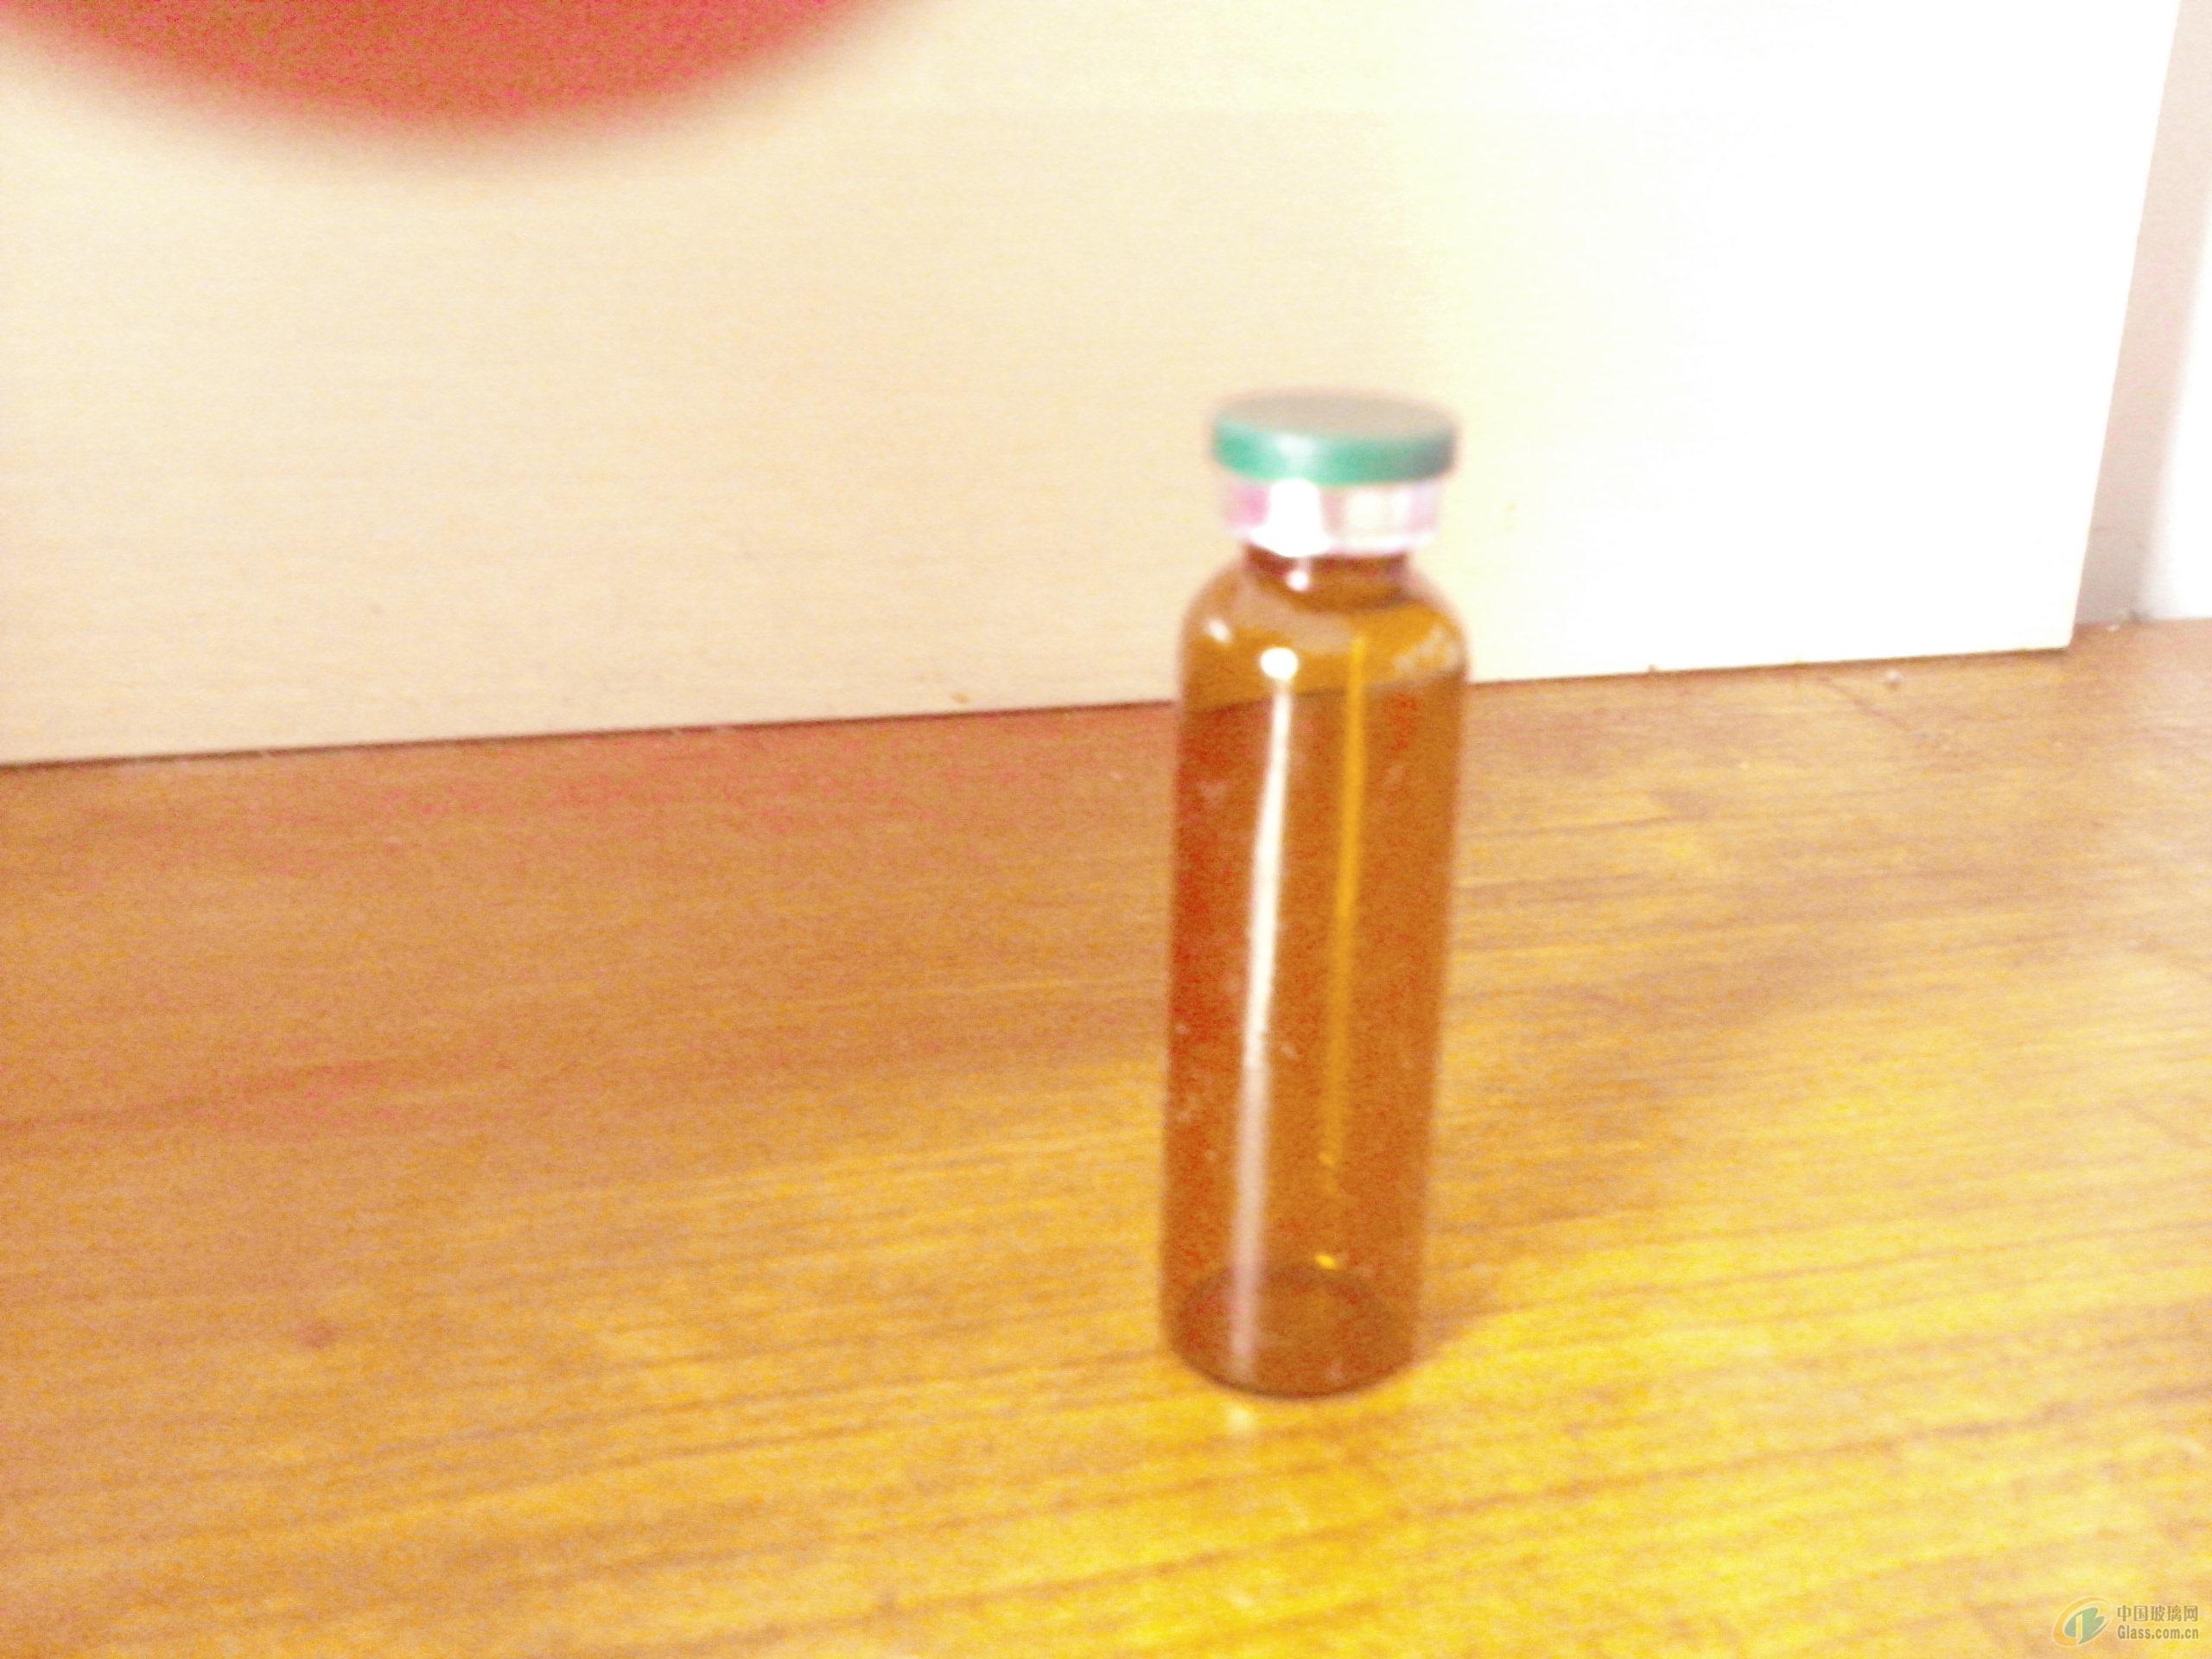 口服液瓶与瓶盖图片